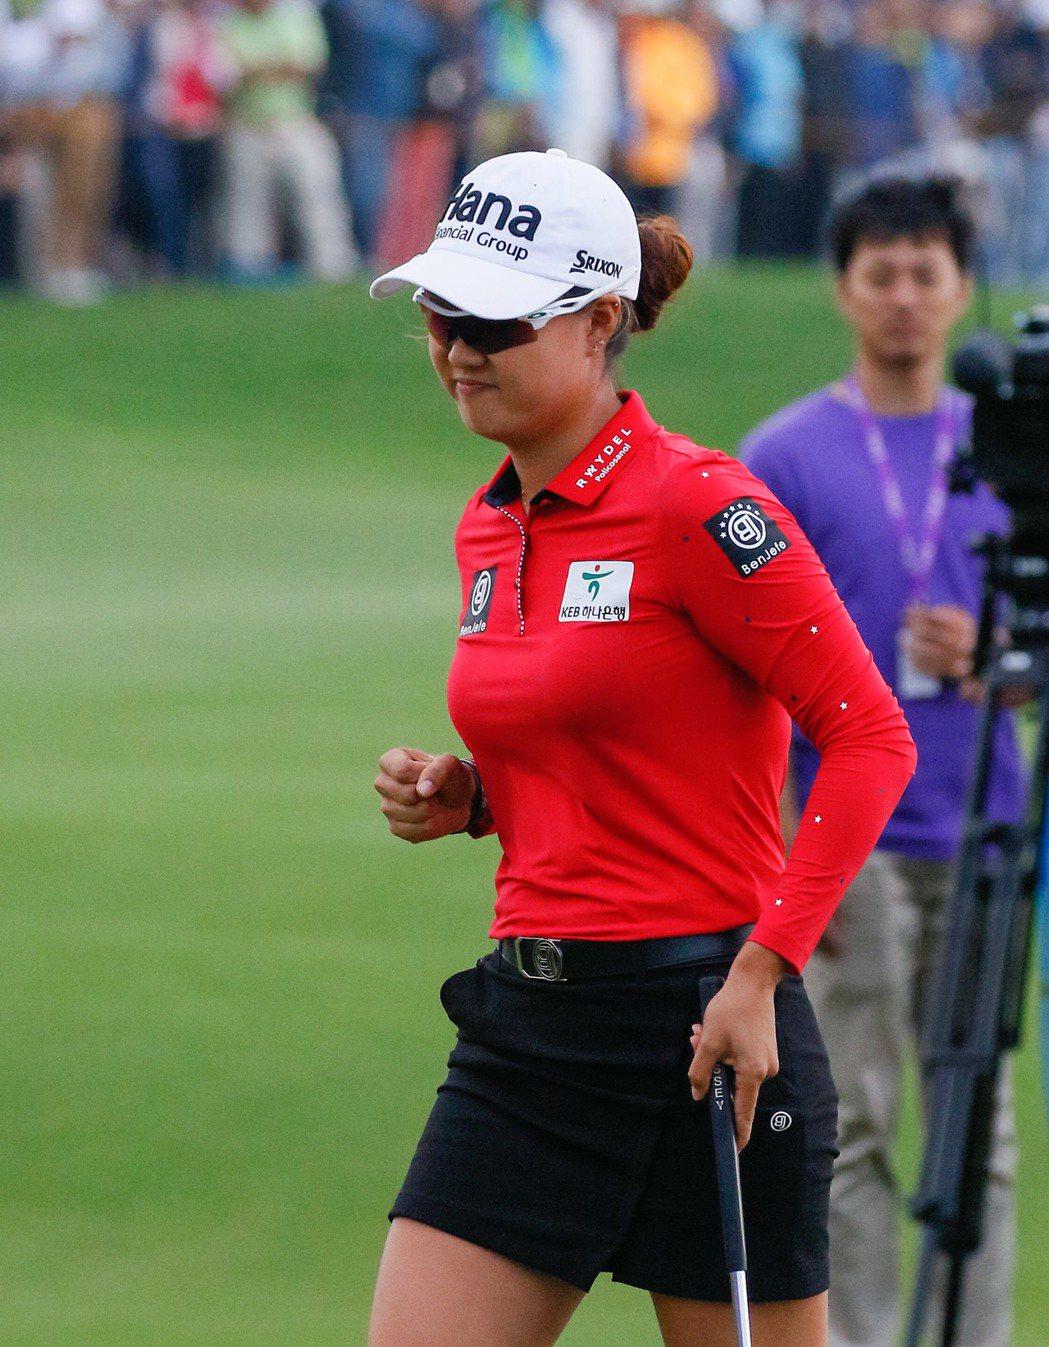 澳洲韓籍選手李旻姬(Minjee Lee)連續兩年在這場賽事屈居亞軍。 裙襬...